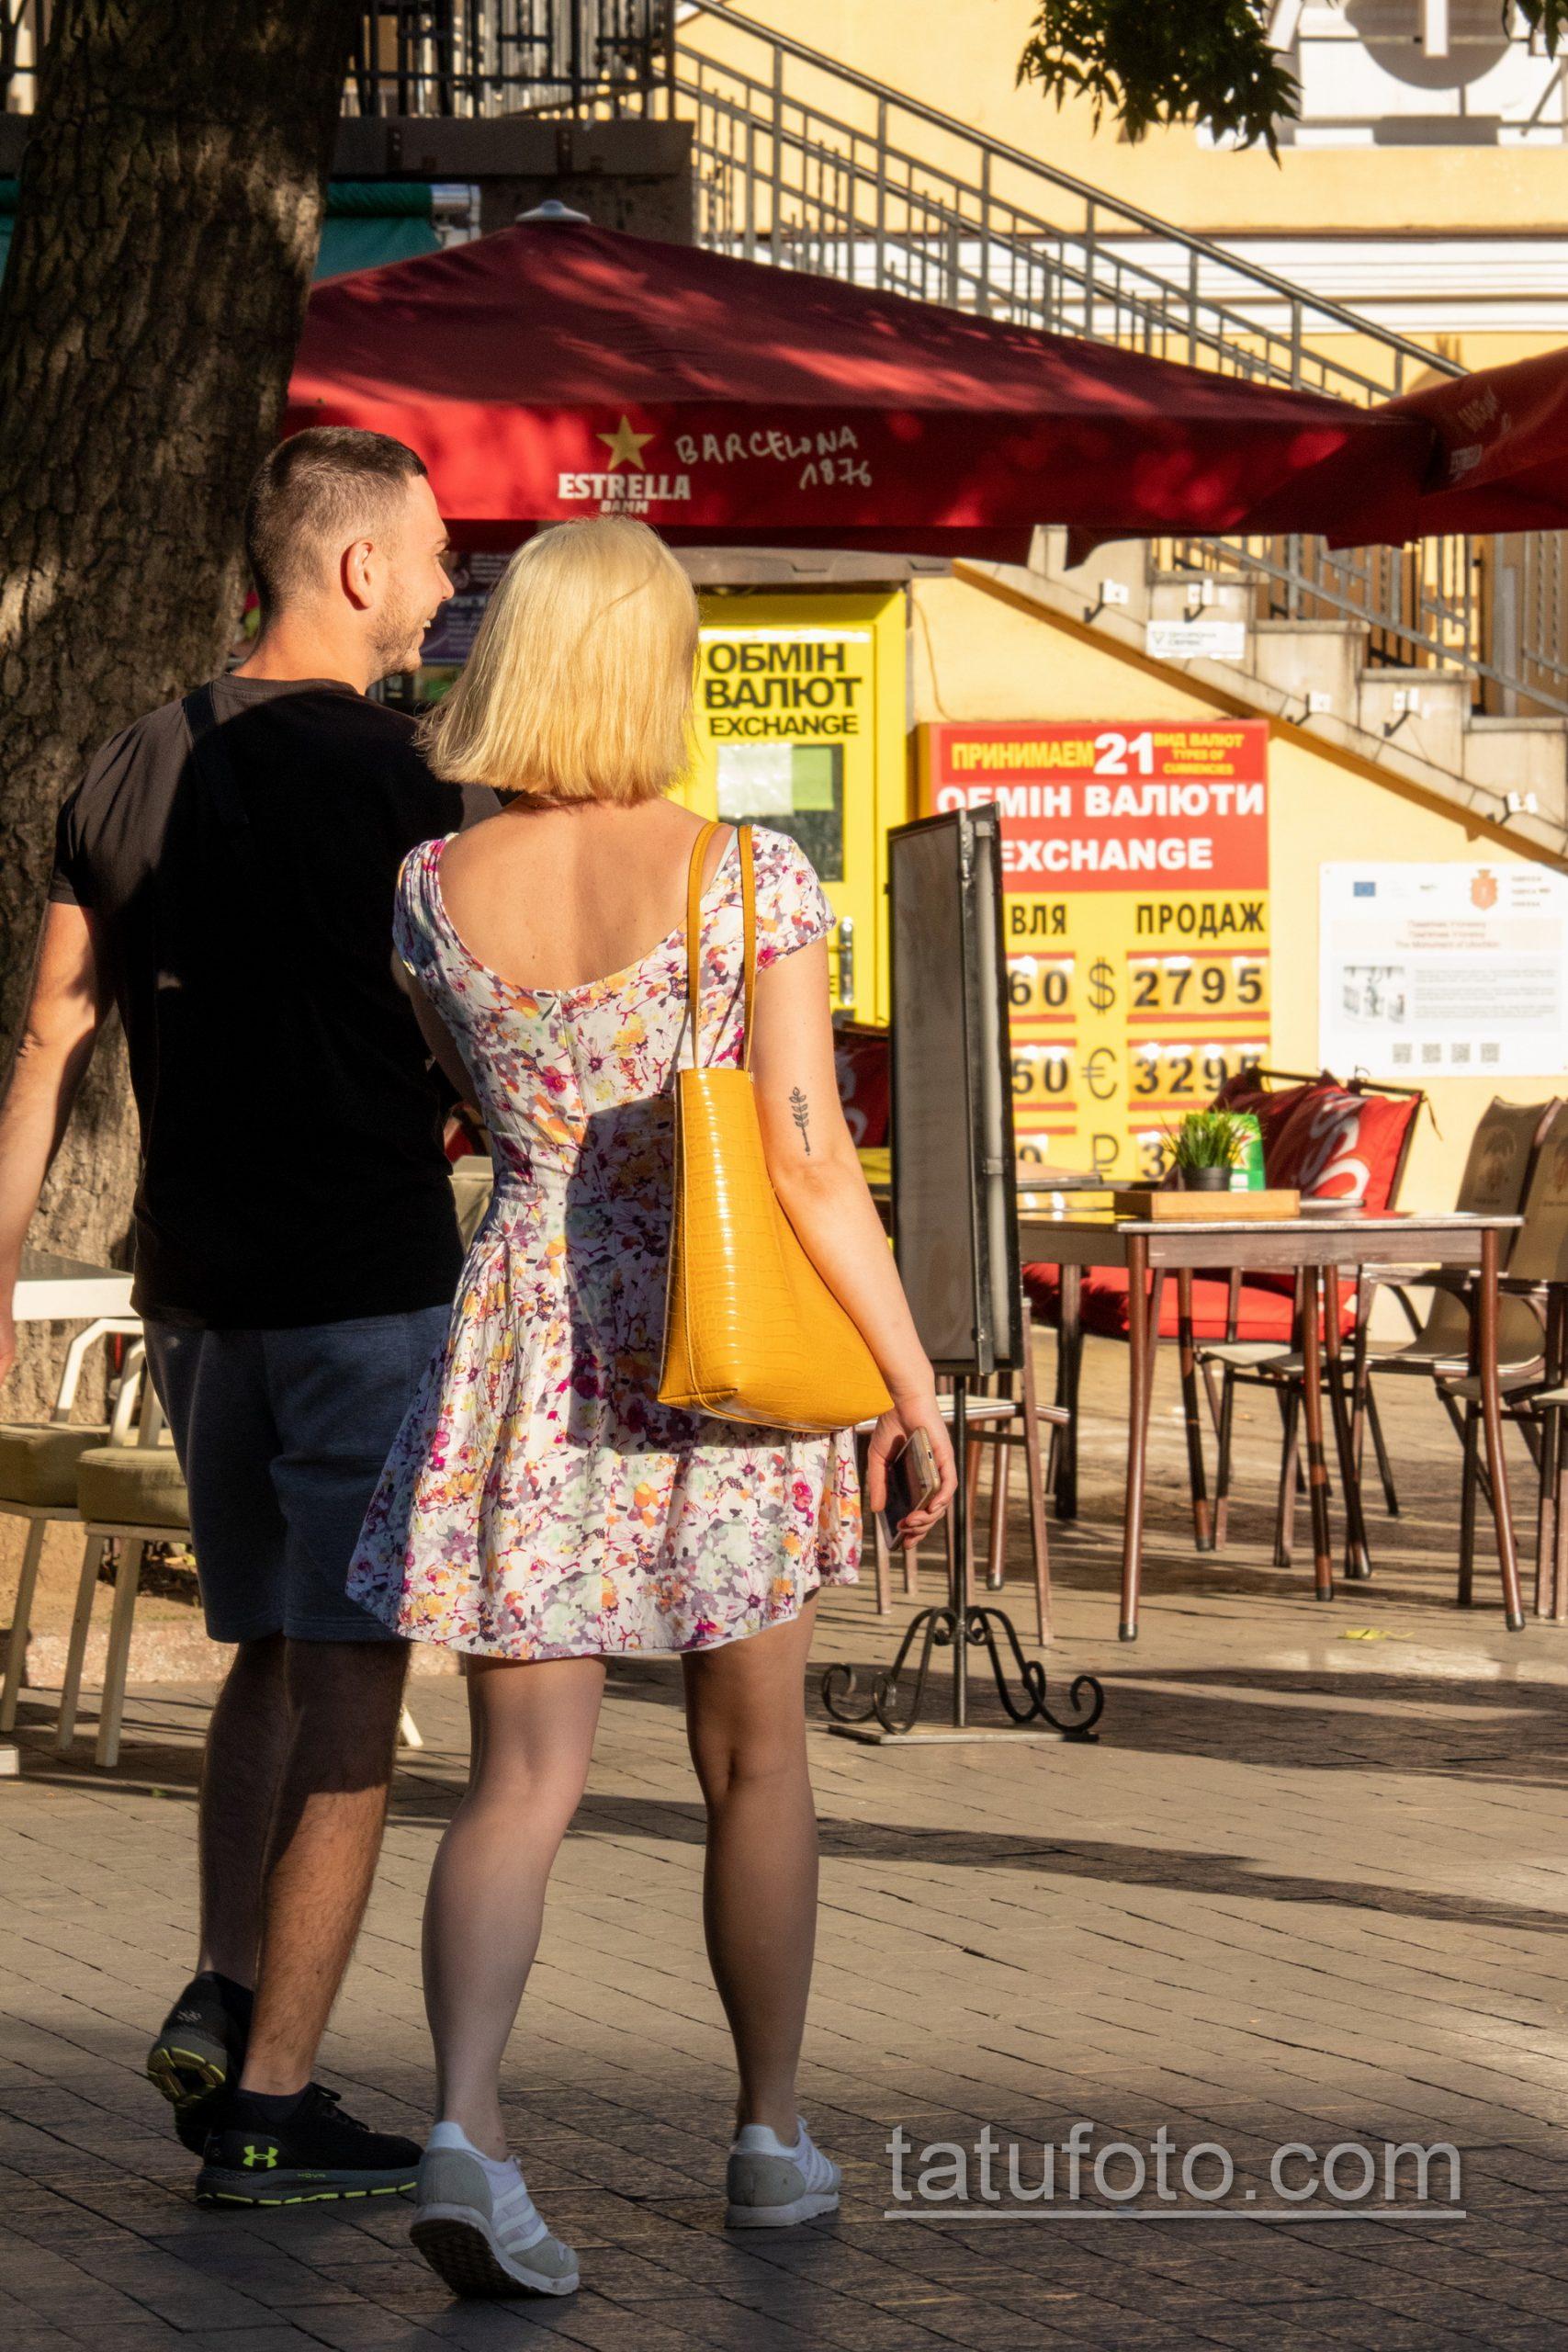 Татуировка с колоском на руке у девушки – Уличная татуировка 14.09.2020 – tatufoto.com 3